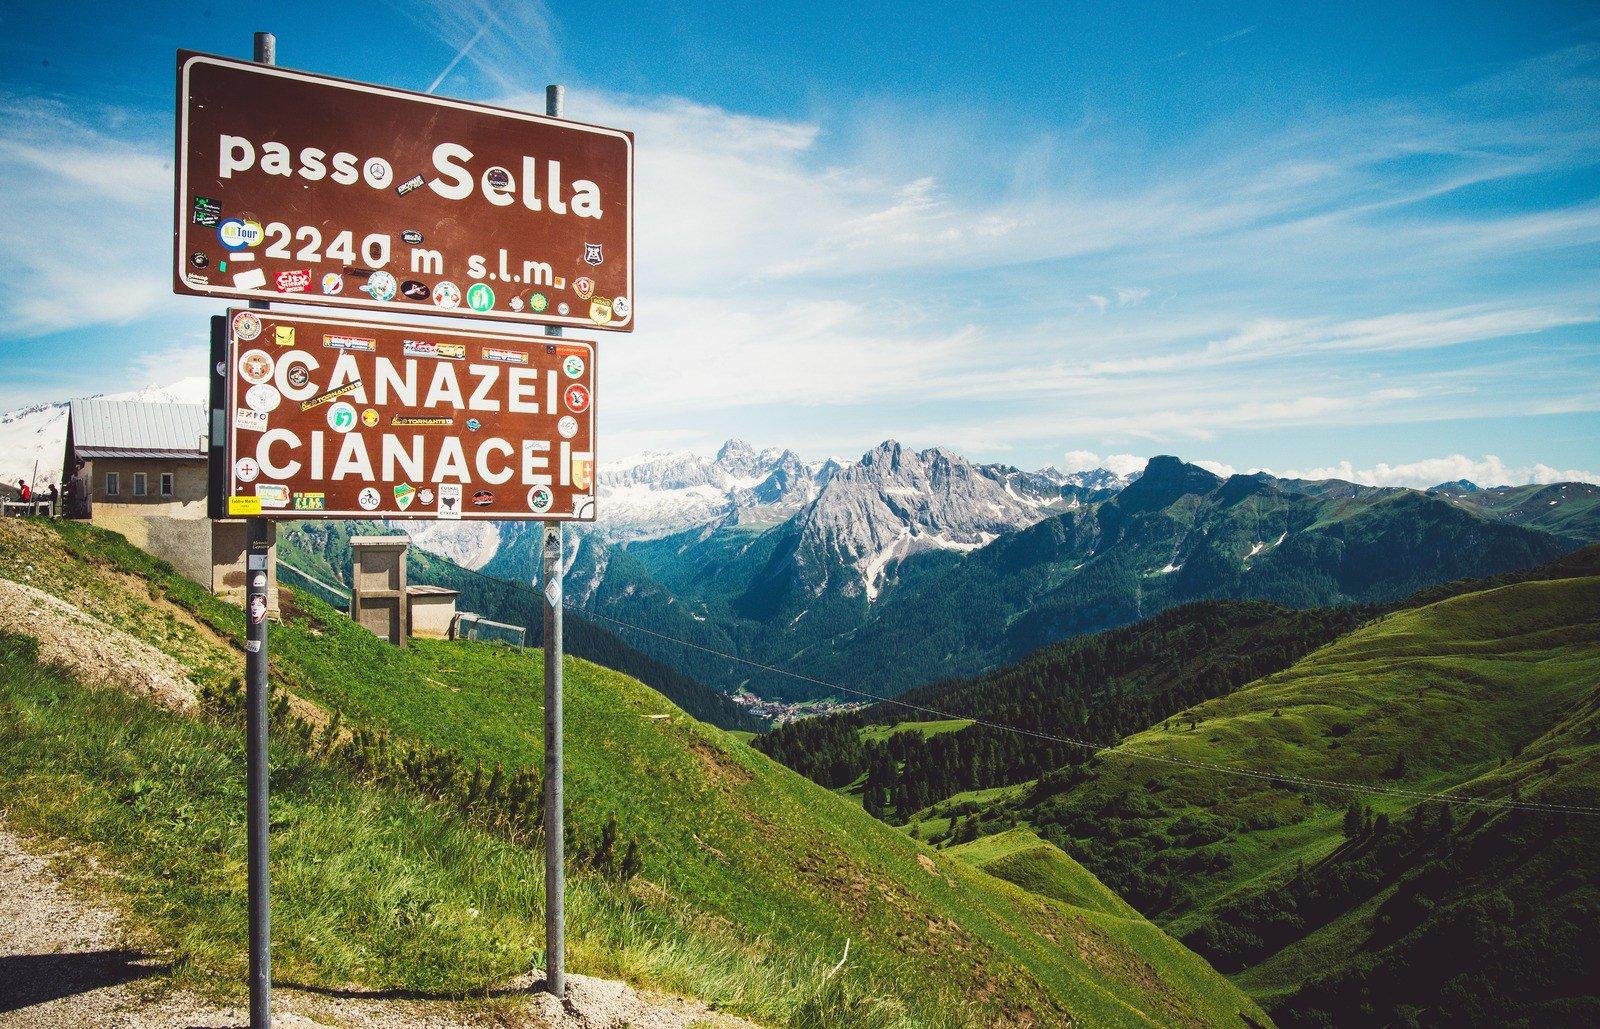 Passo Sella, Canzei Dolomites